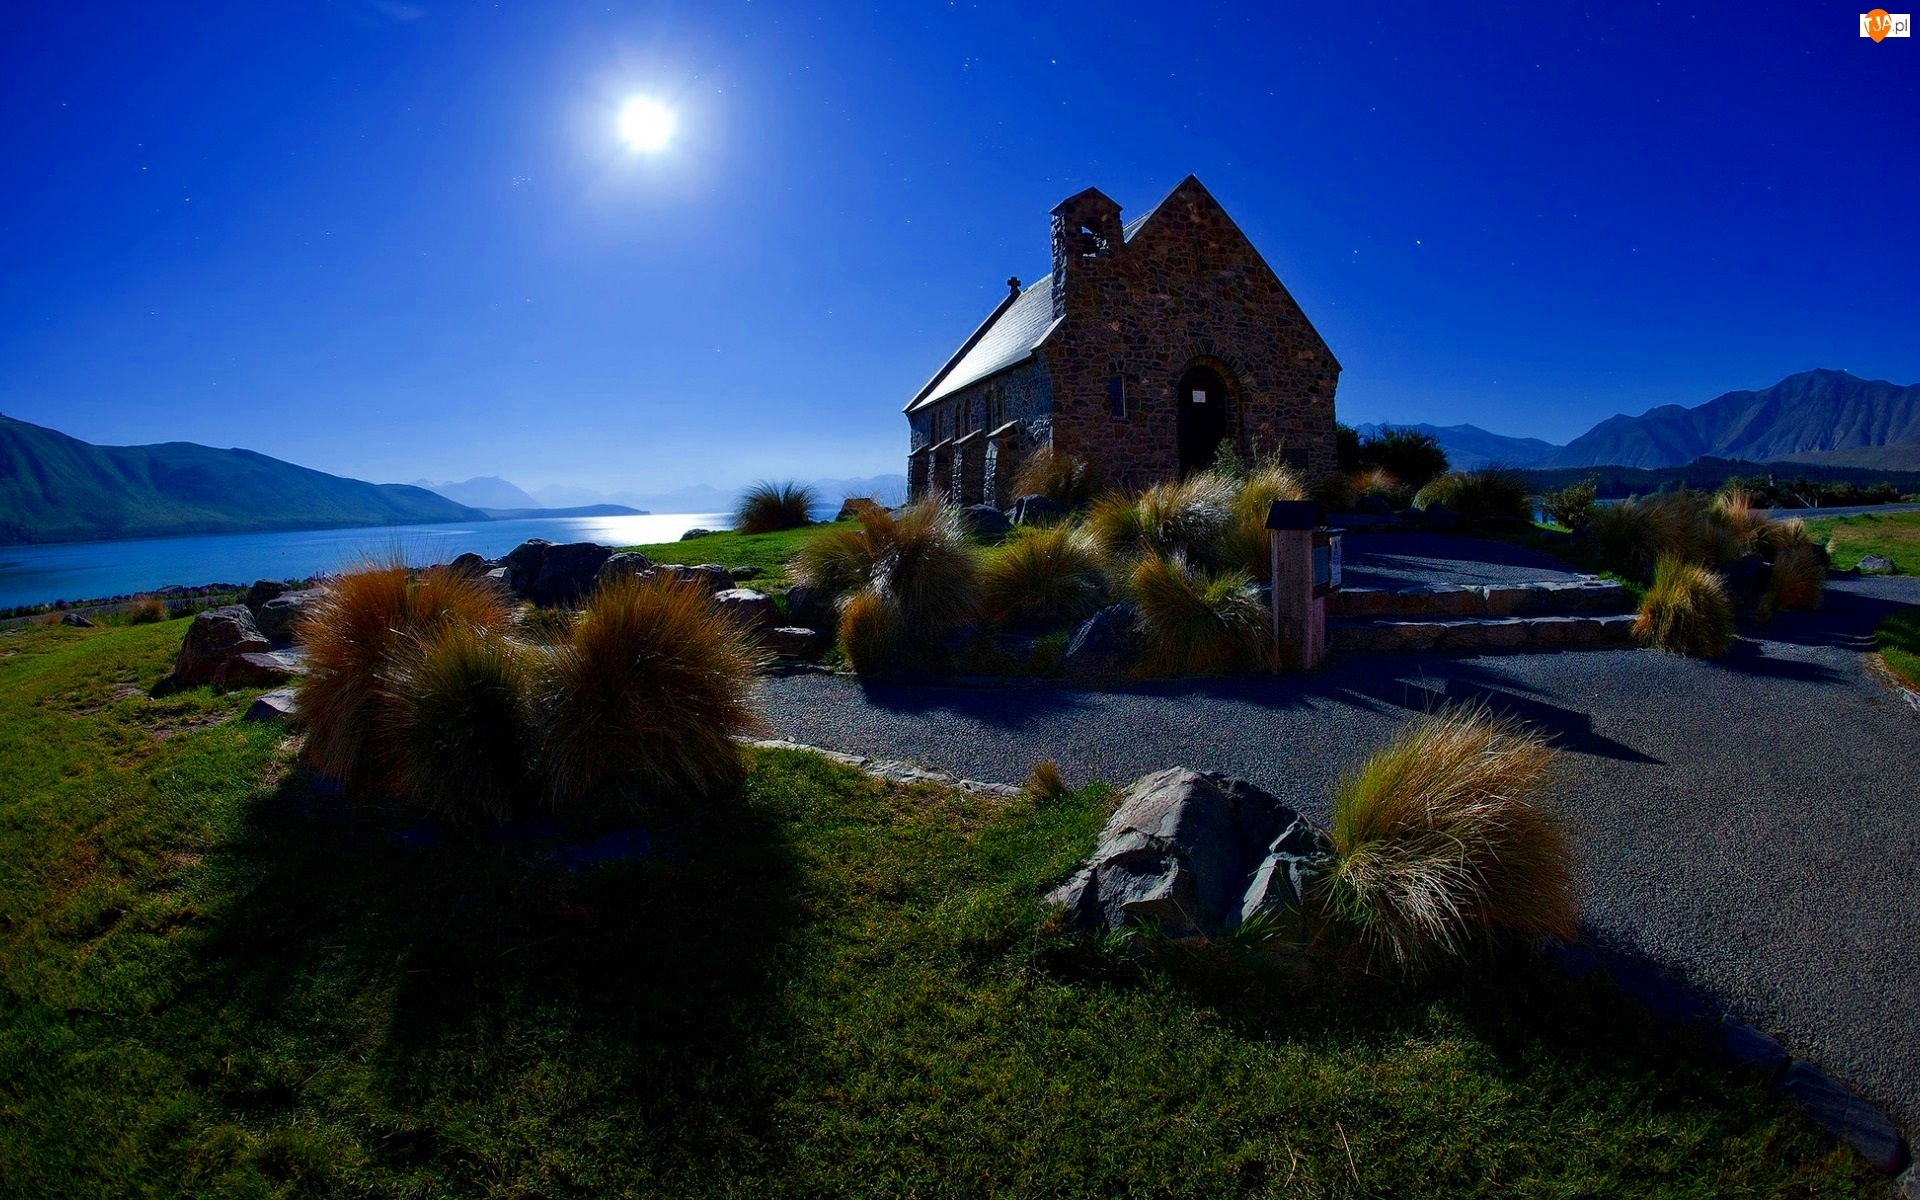 Kościół, Szkocja, Góry, Noc, Jezioro